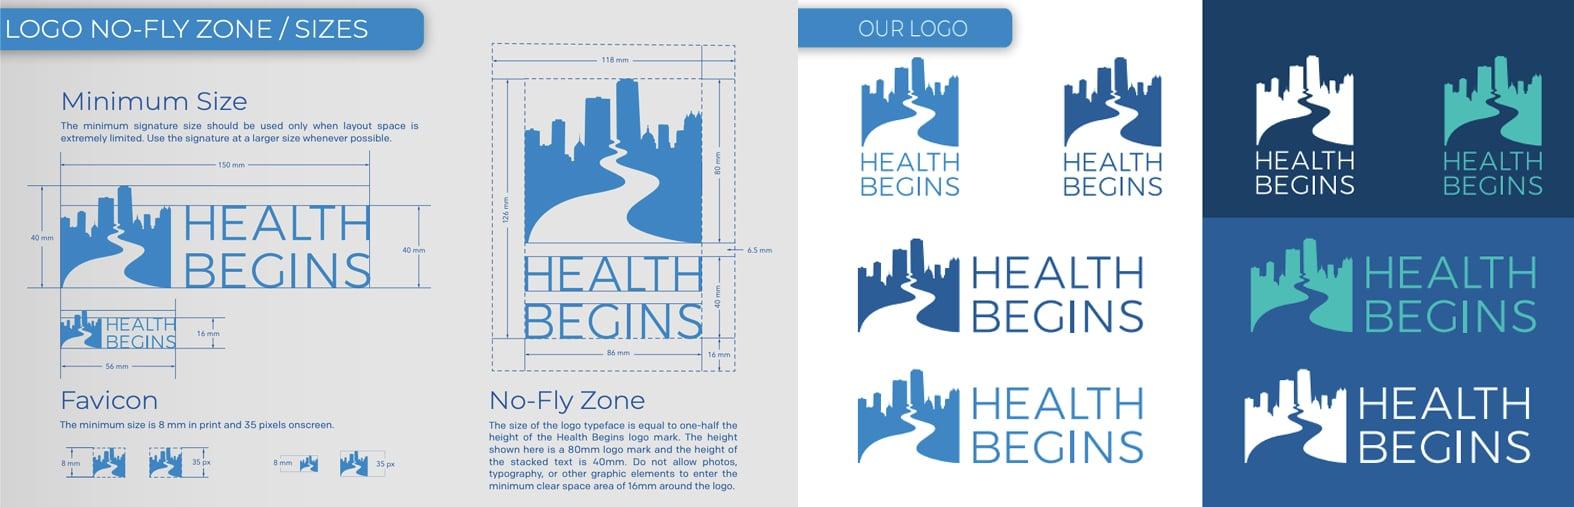 HealthBegins-Logos-combined